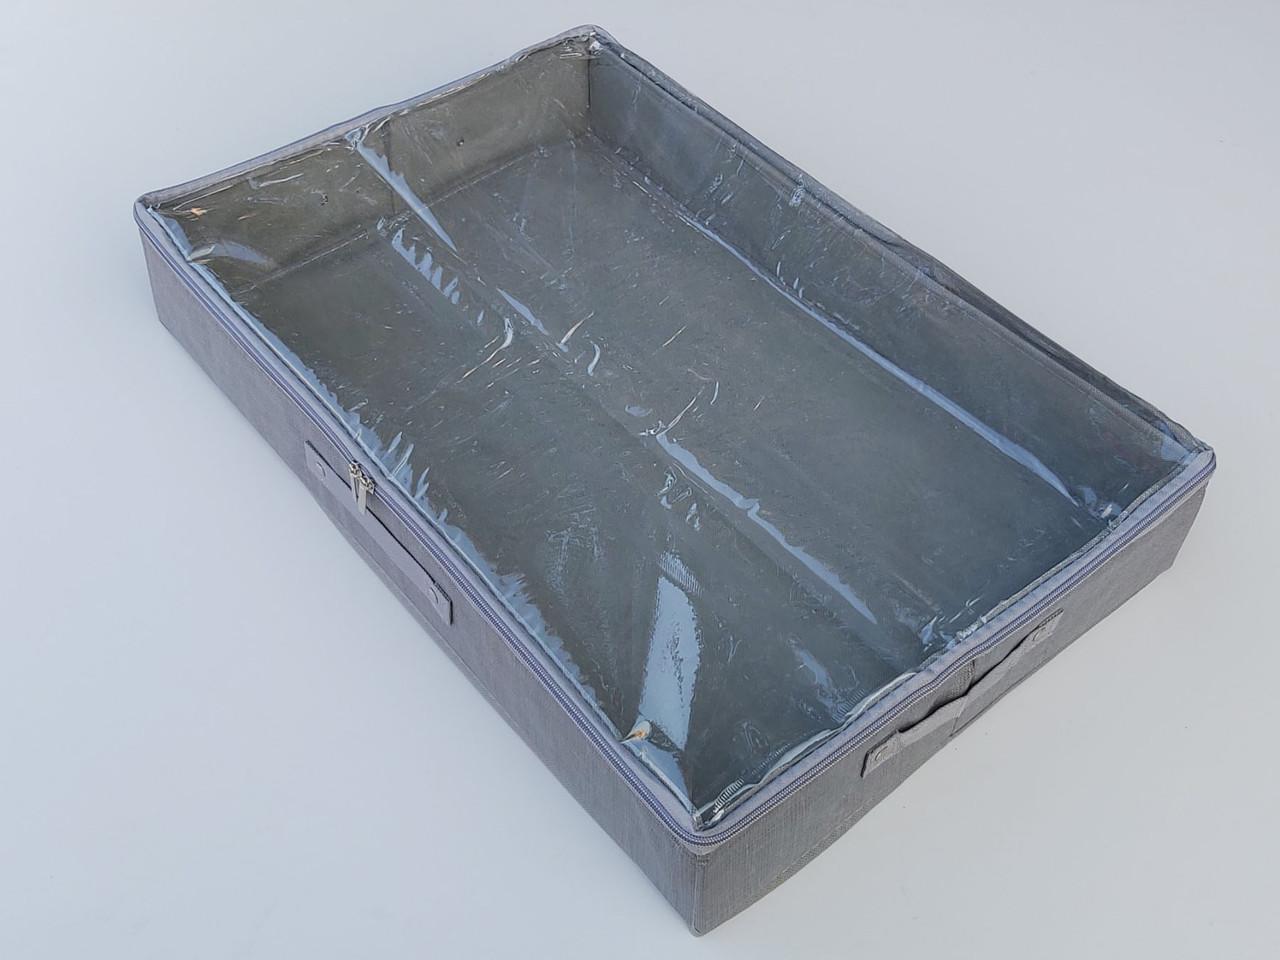 Органайзер Ш 60*Д 40*В 11 см. Цвет серый для хранения обуви или небольших предметов